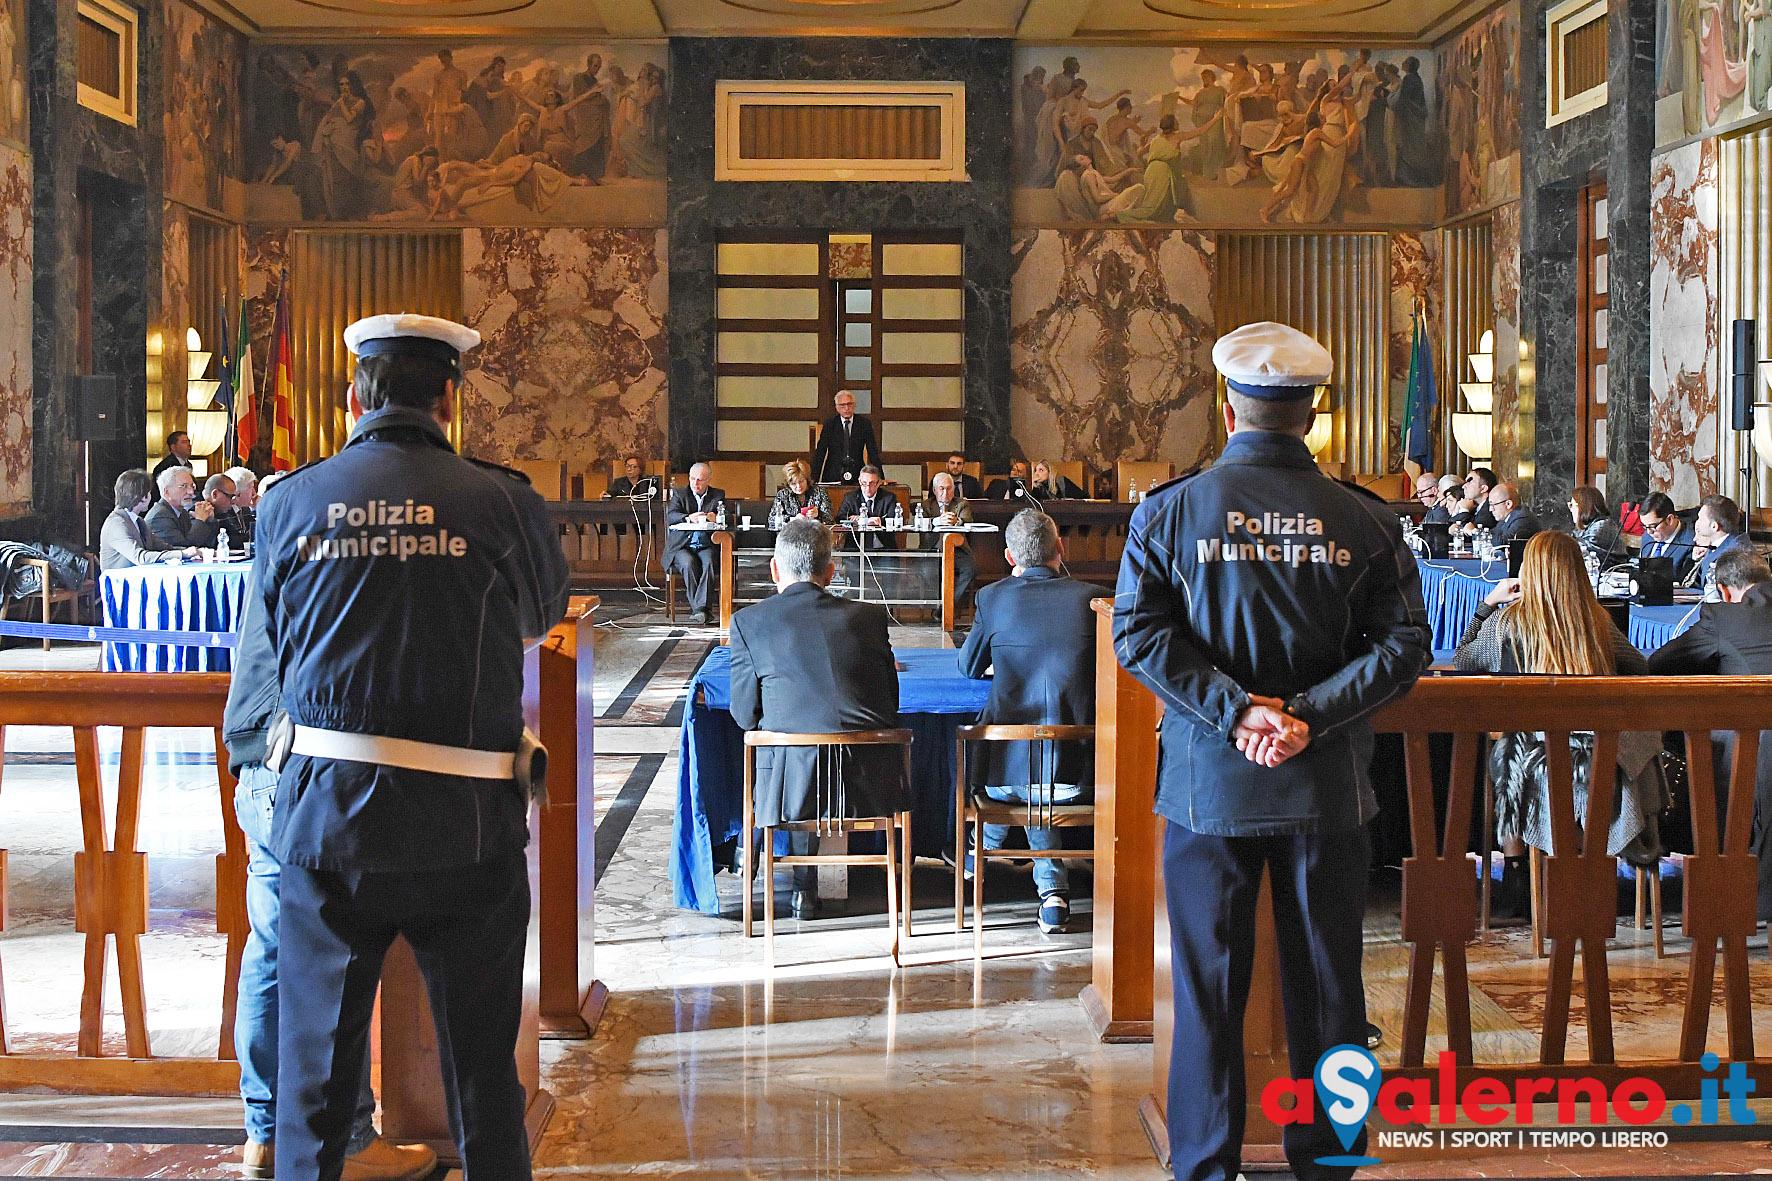 SAL - 28 12 2017 Salerno Comune. Consiglio Comunale. Foto Tanopress